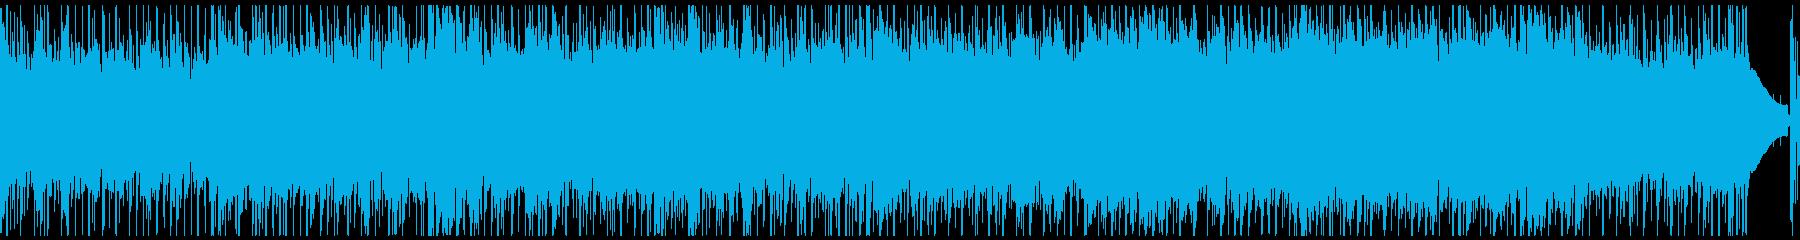 アコギ・流れるような穏やかな日常系BGMの再生済みの波形